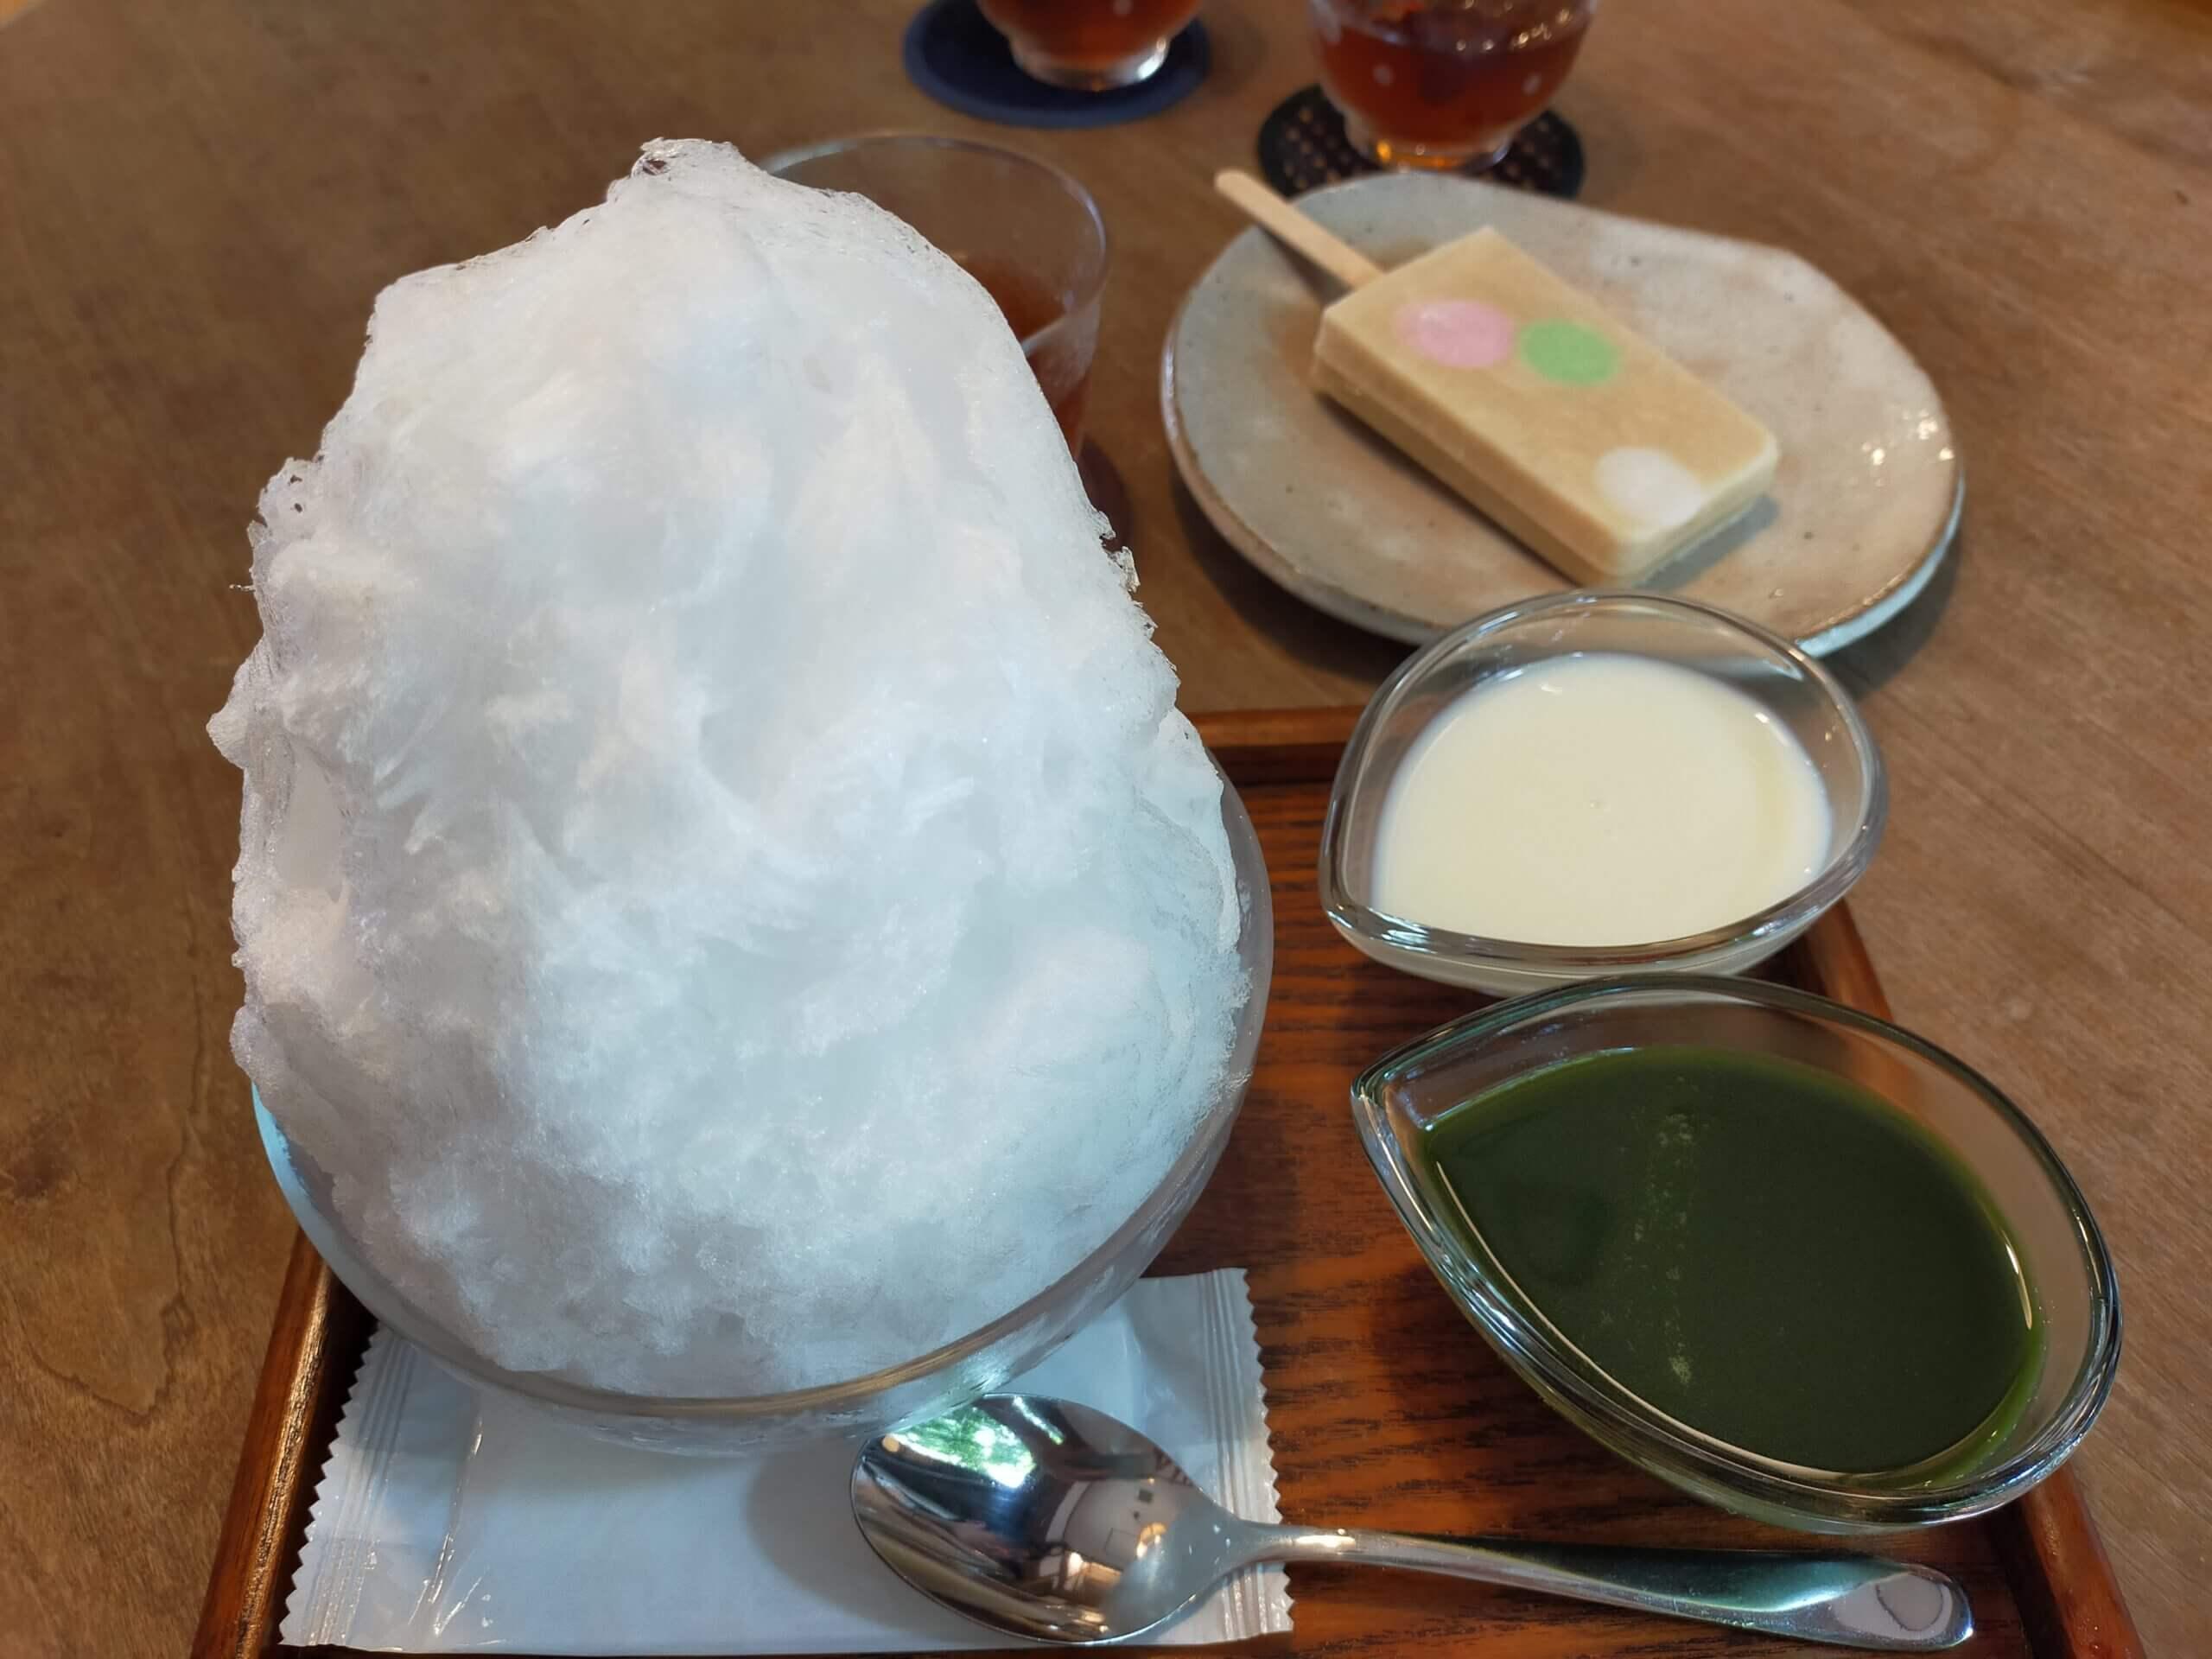 【菊水堂本店-玉名市高瀬-】和菓子屋さんの絶品かき氷とアイスキャンディーは必見です!